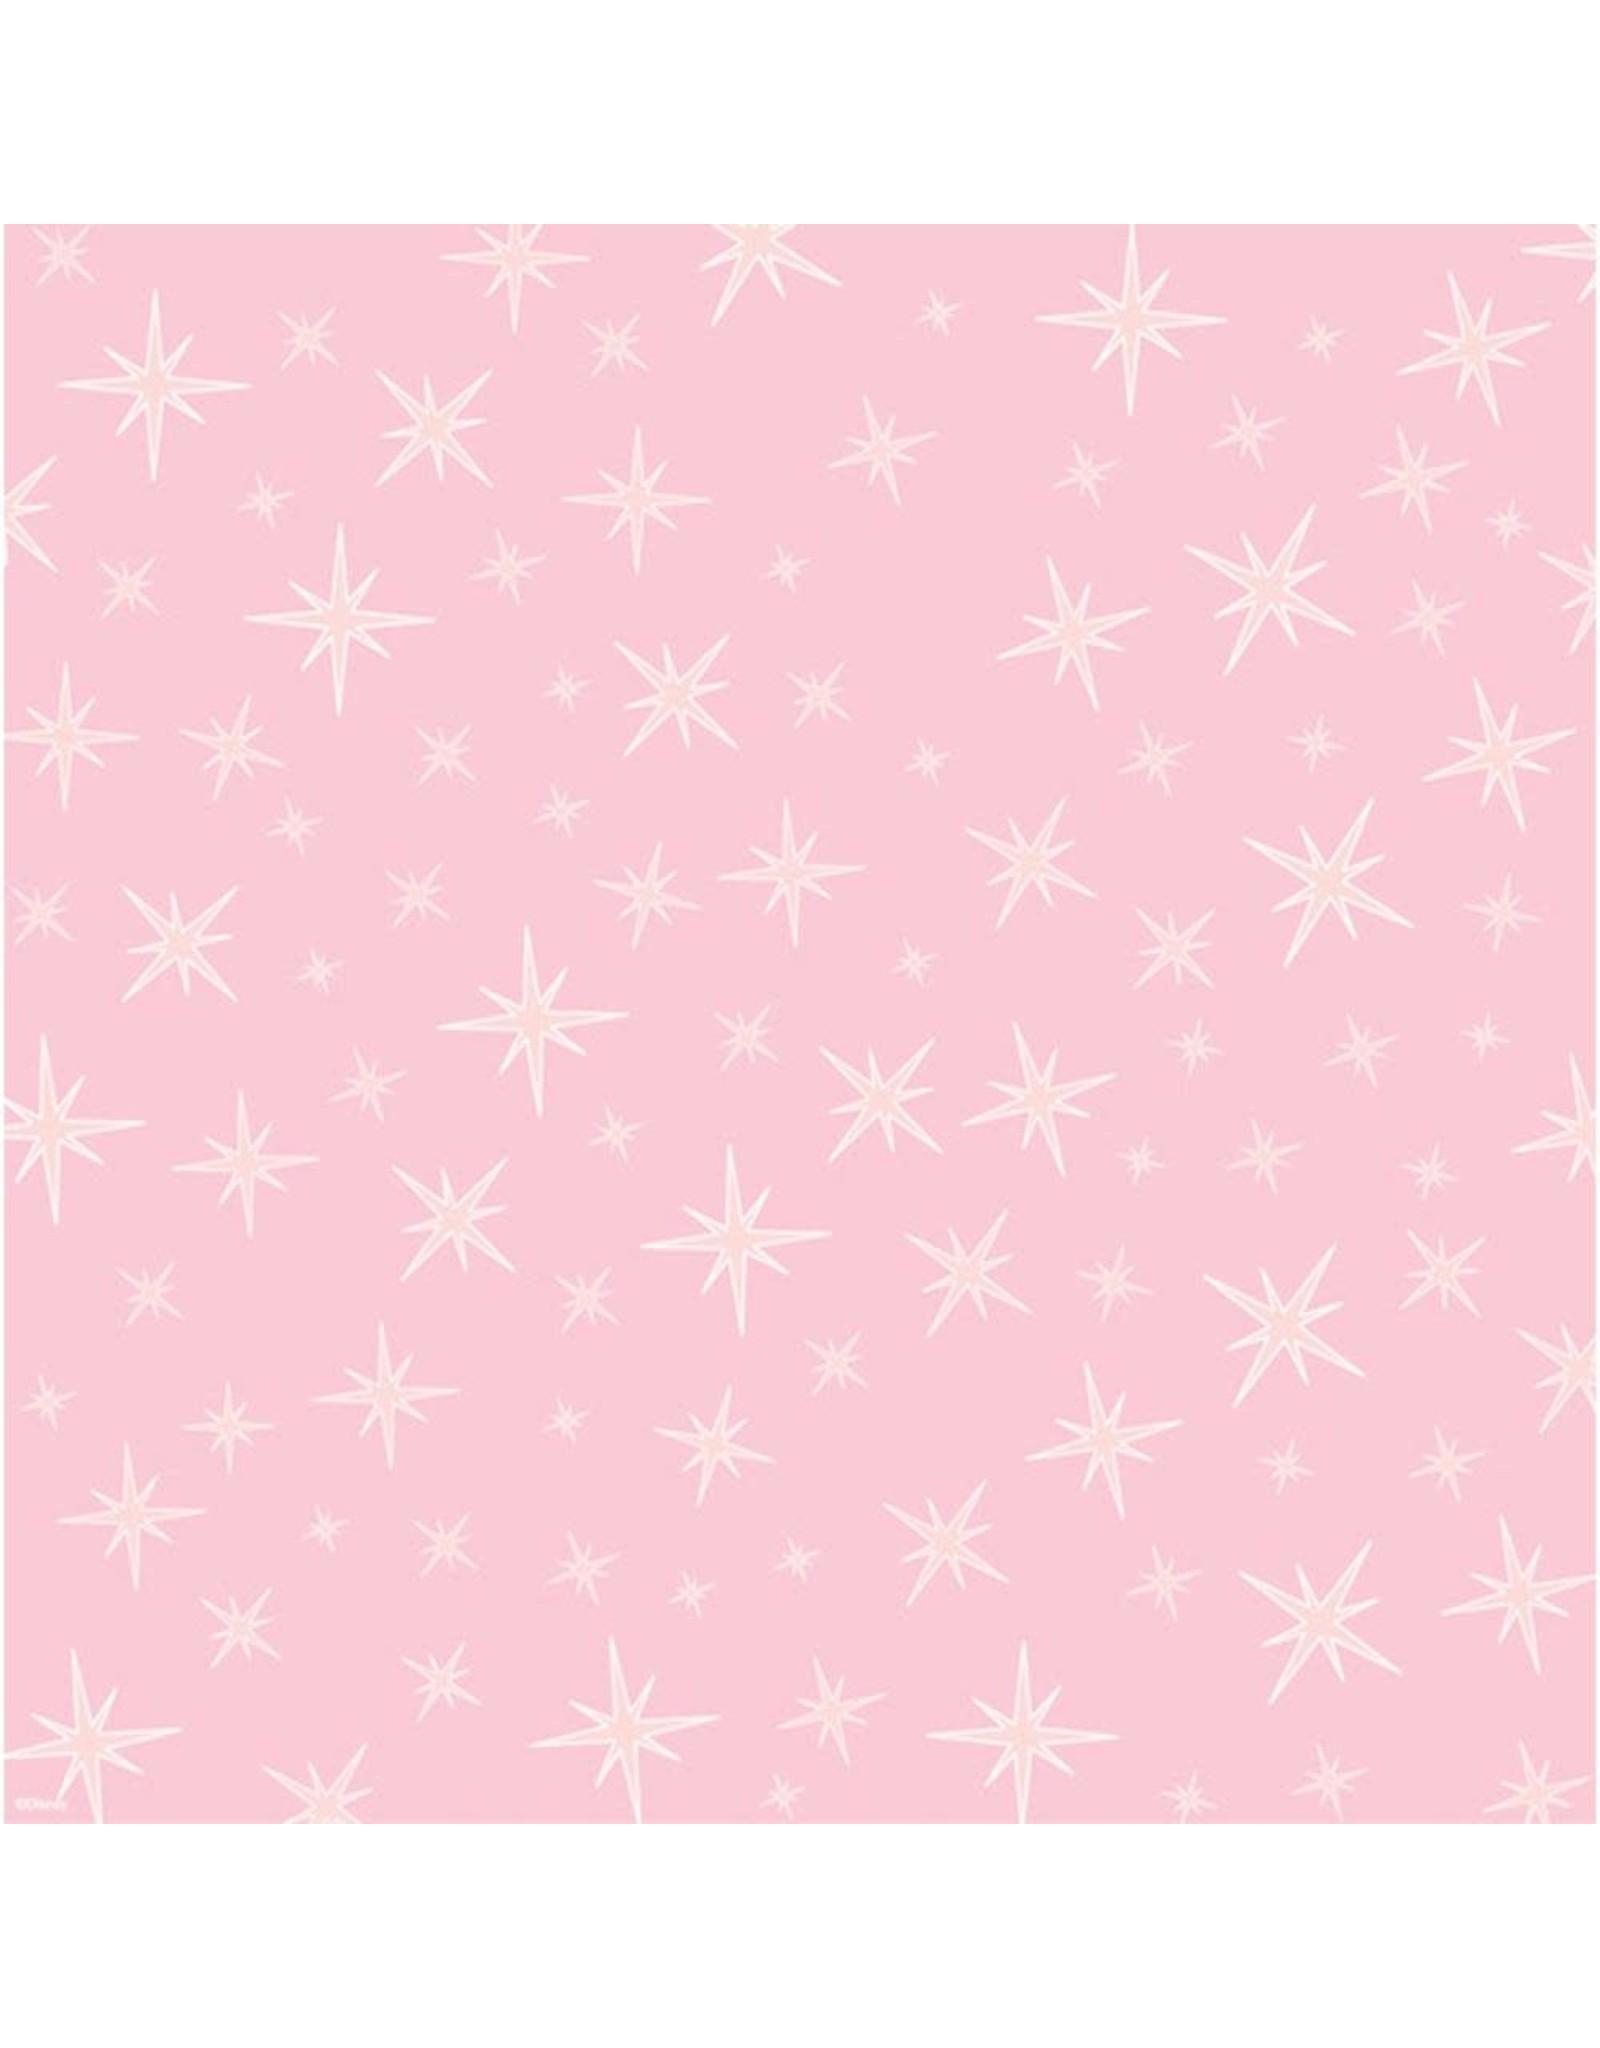 EK Success Disney Pixie Dust Glitter 12x12